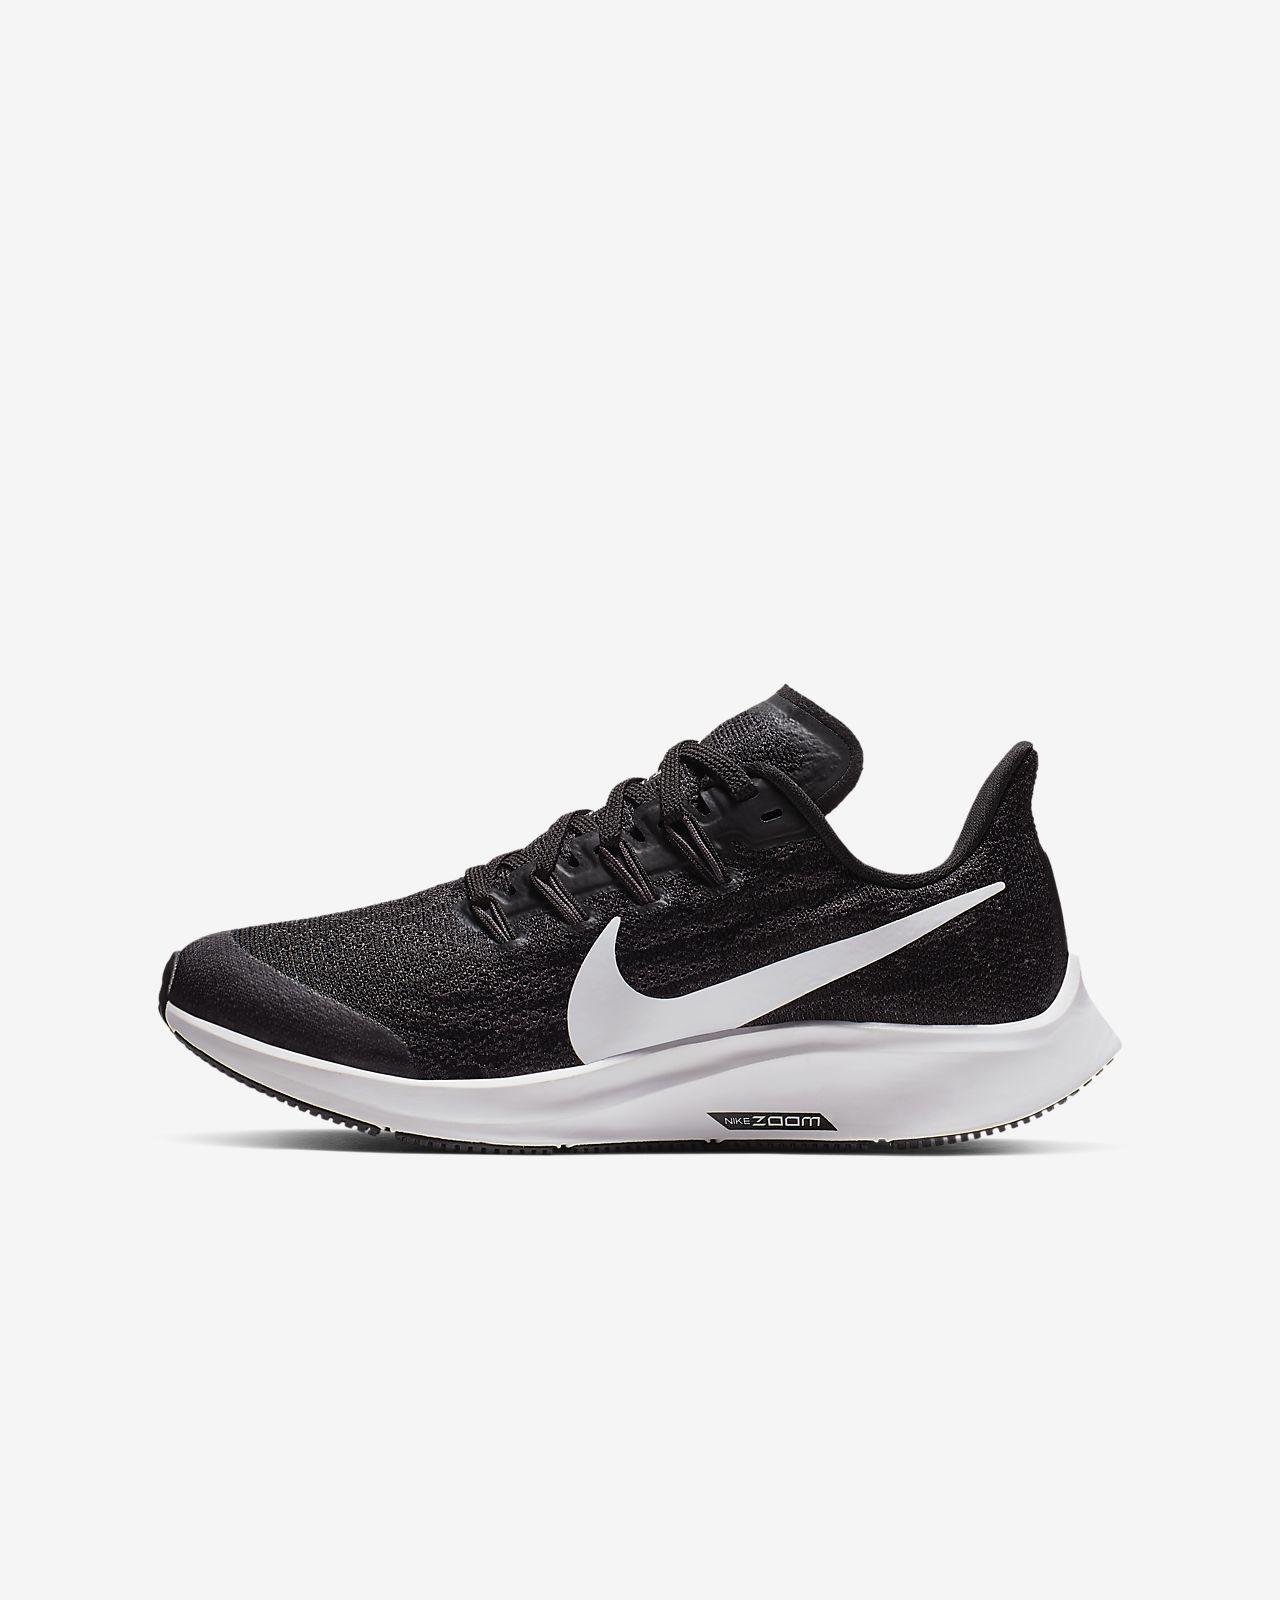 63959b4a ... Беговые кроссовки для дошкольников/школьников Nike Air Zoom Pegasus 36